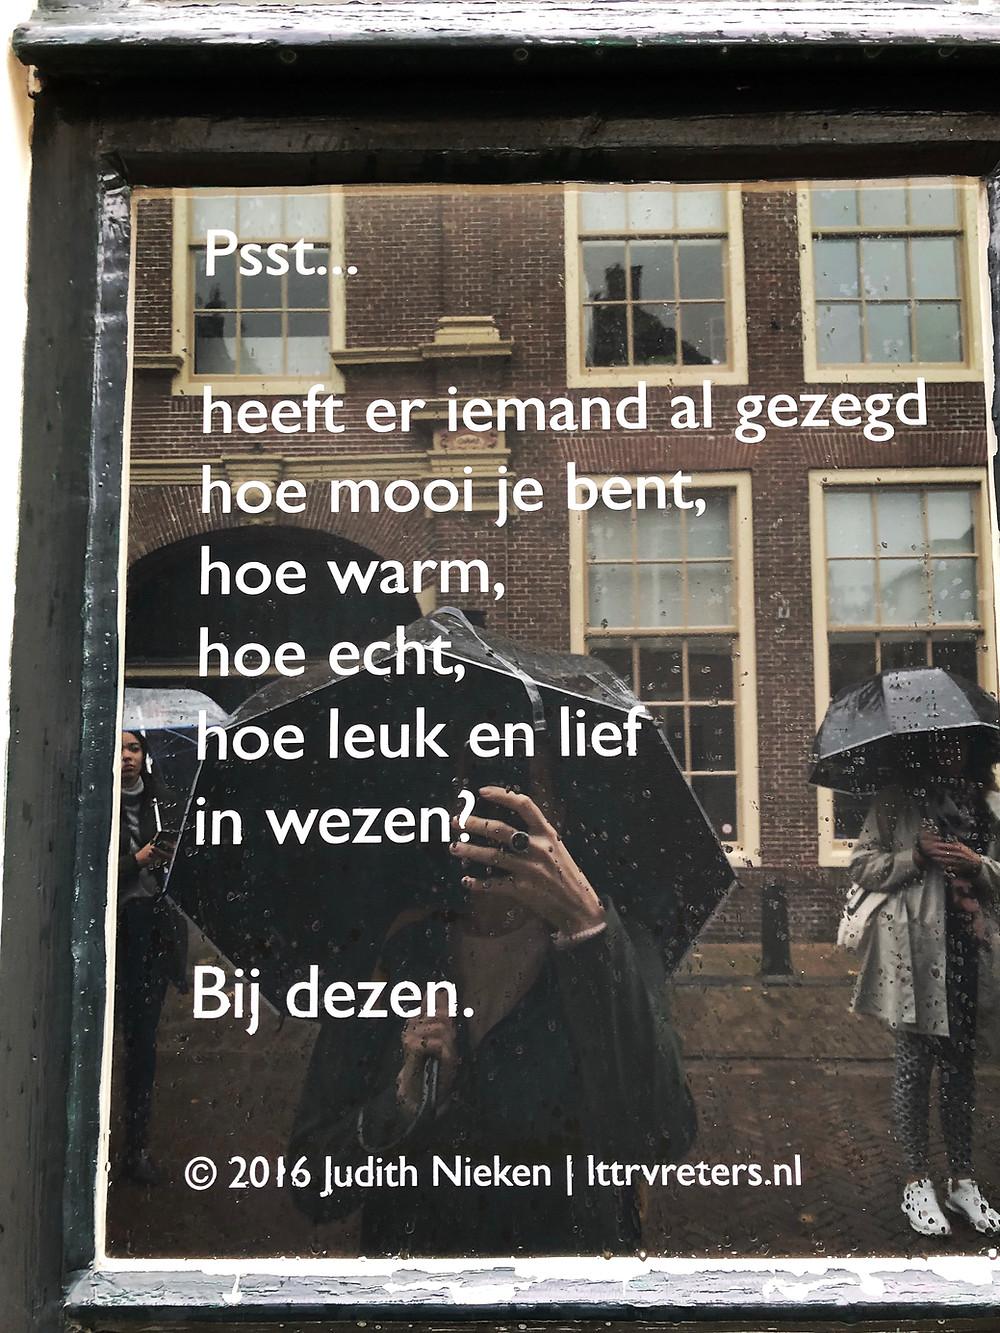 Poetry by lttrvreters, Leeuwarden